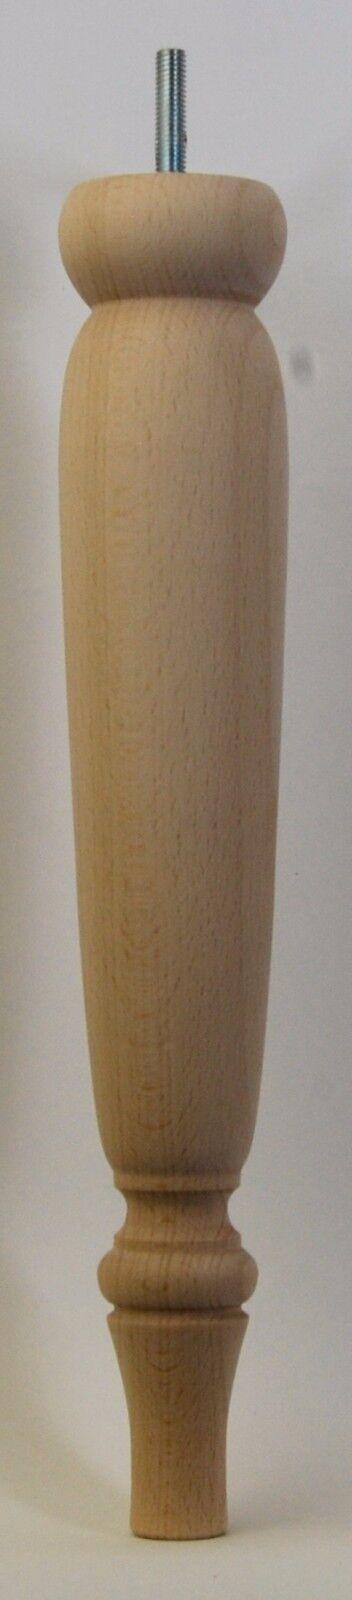 4 Turned Beech legs 330mm (13 ) Ref. E118 Unpolished Footstool legs, Chair legs.